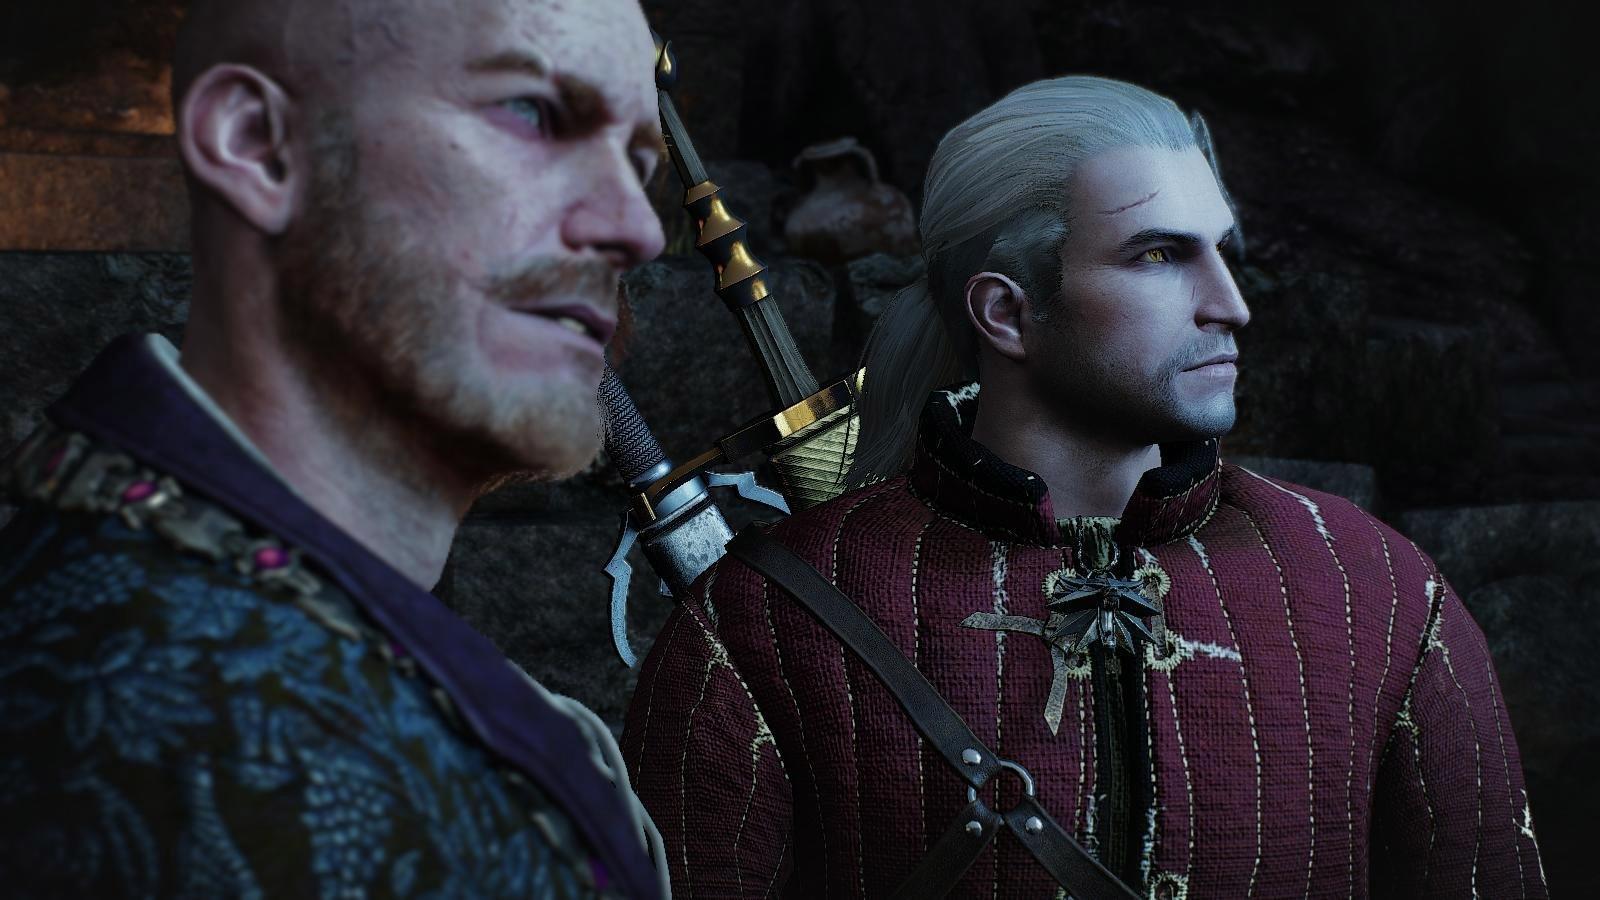 Геральт и Ольгерт ждут встречи.. (сборка Торна)